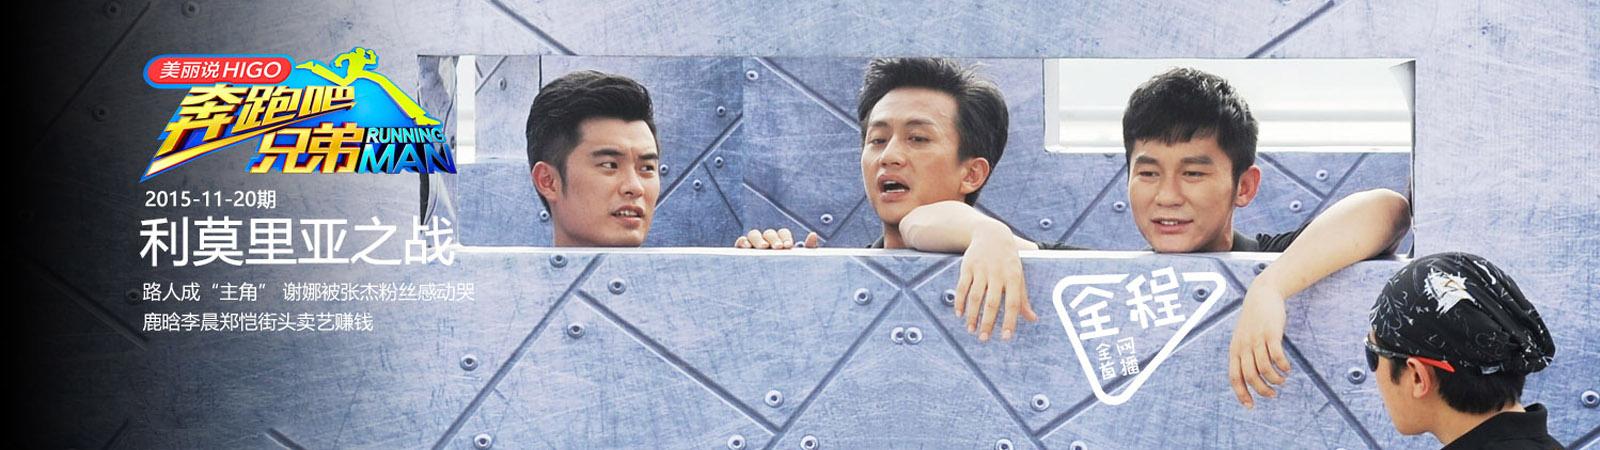 Tập 4 - Running Man Bản Trung Quốc - Season 3